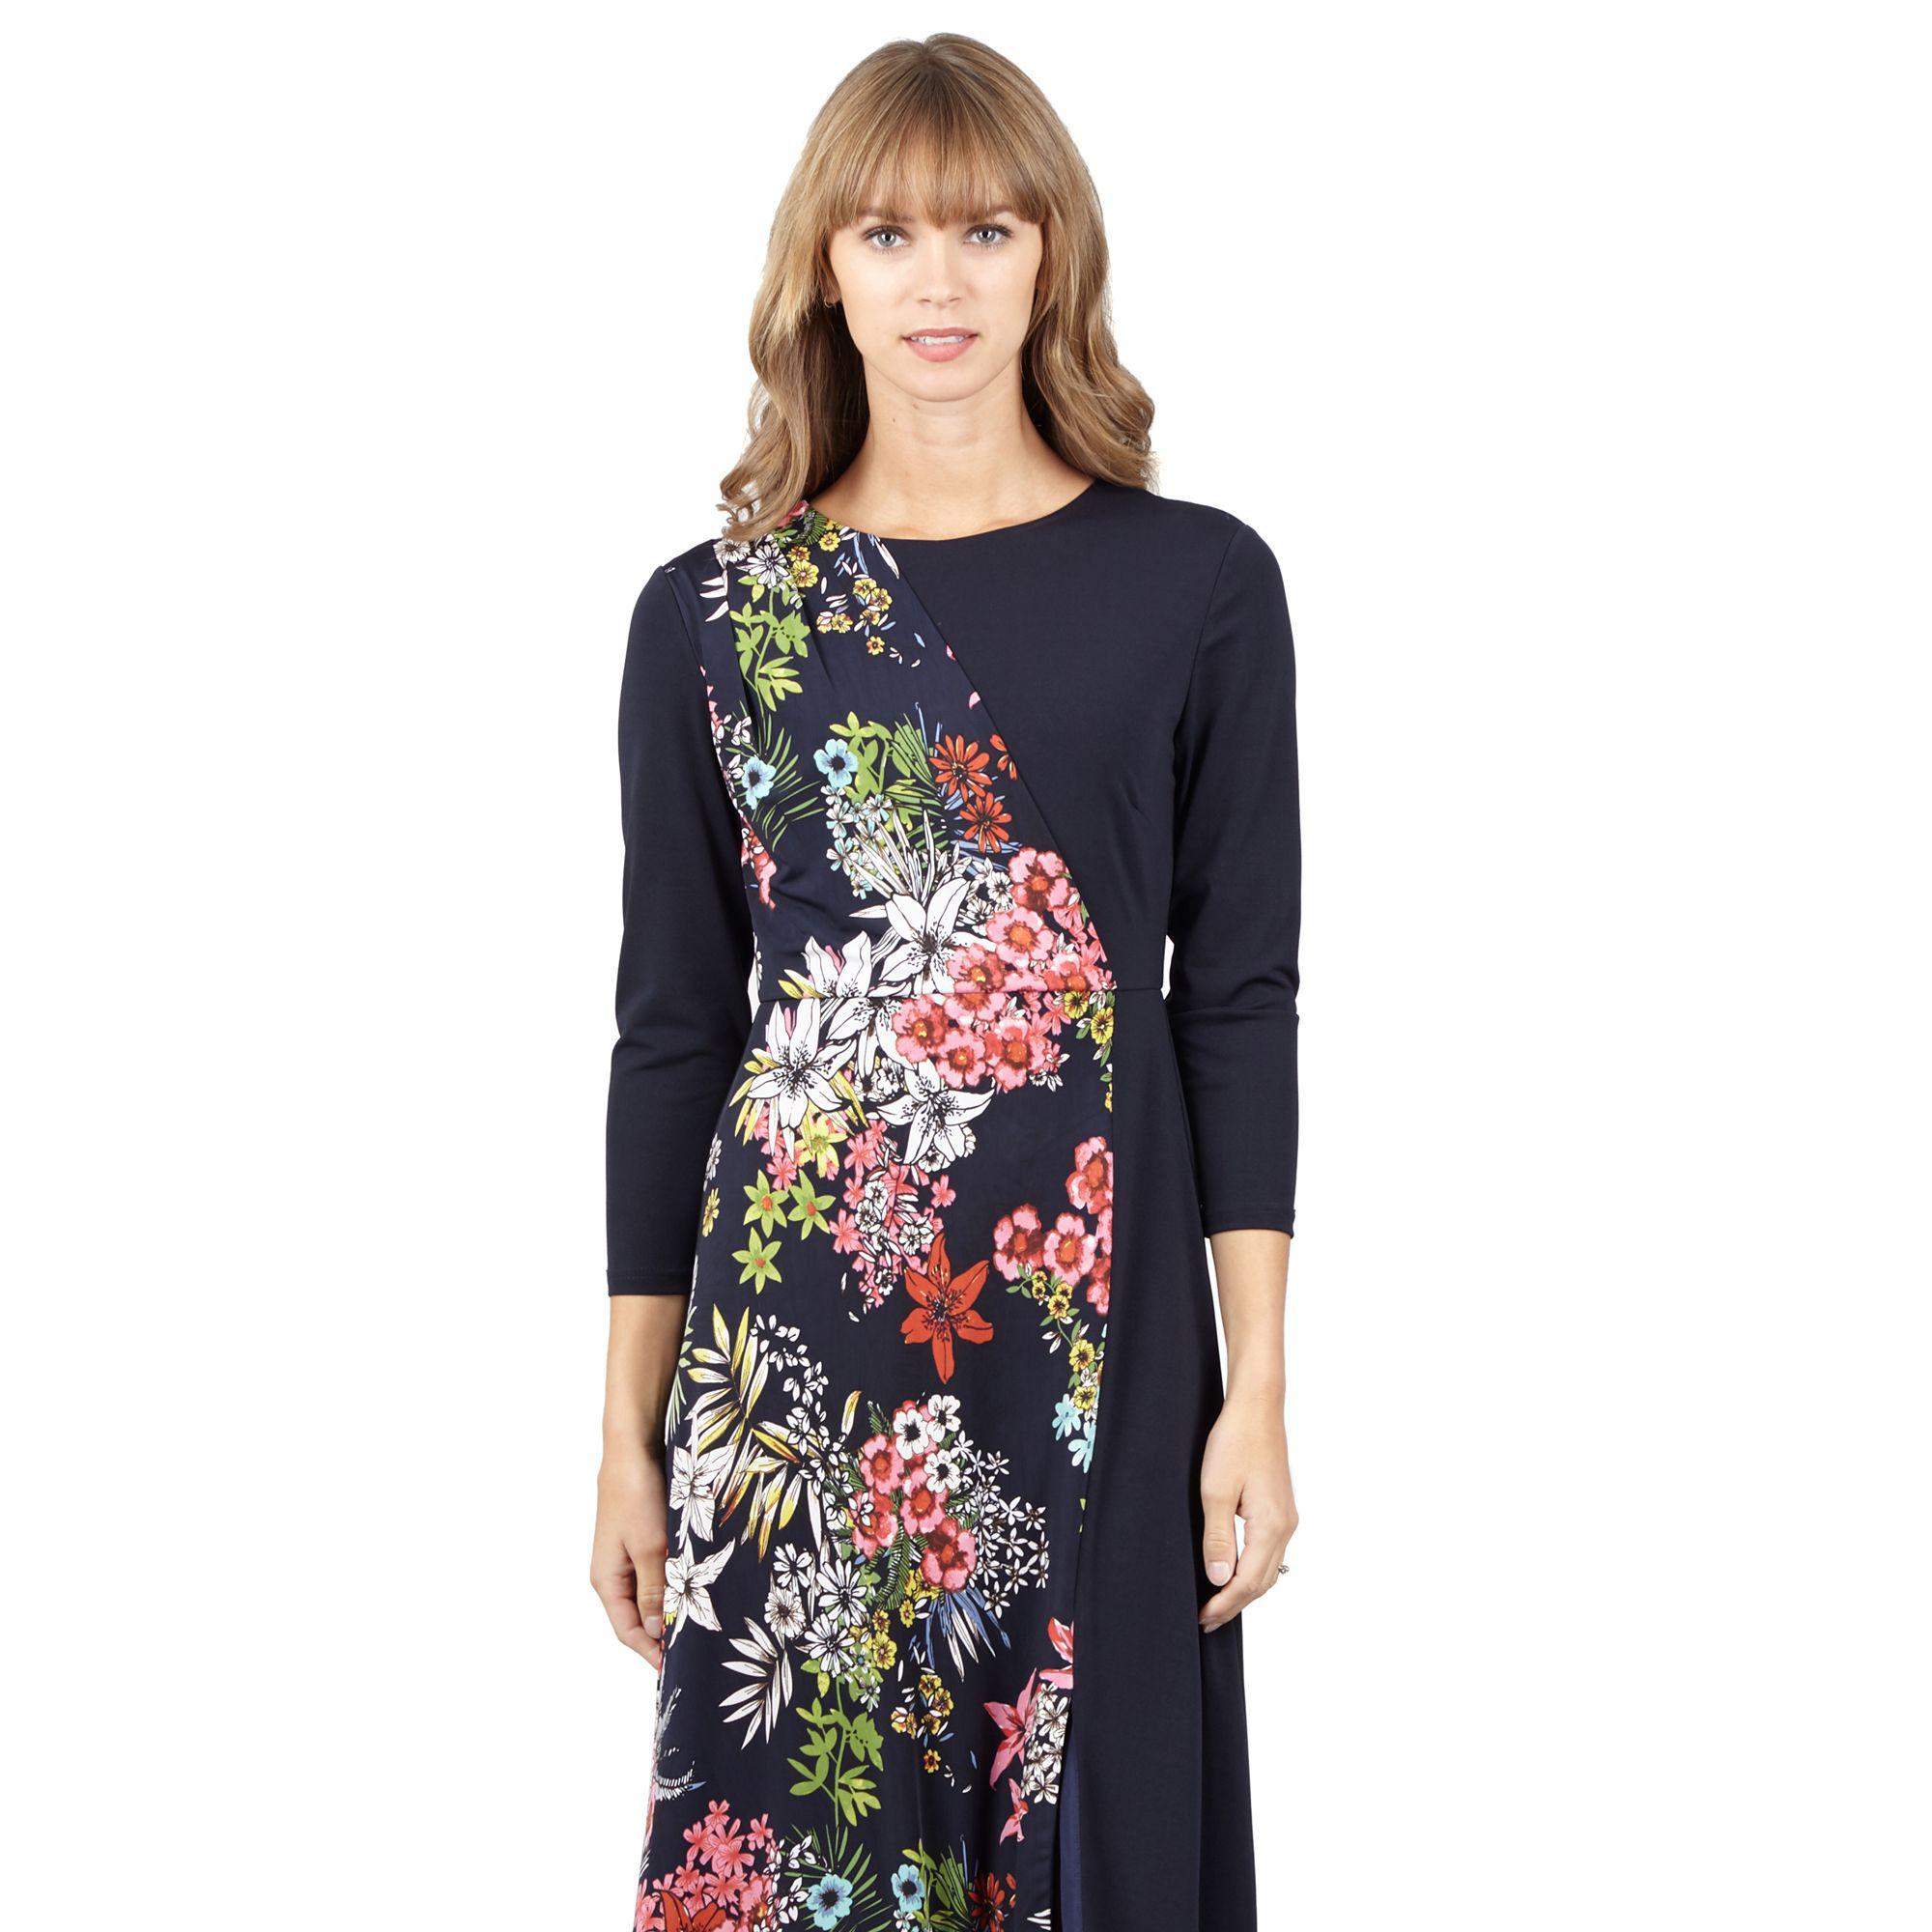 c1384d0b4a21b Izabel London - Blue Navy Floral Print Midi Dress - Lyst. View fullscreen